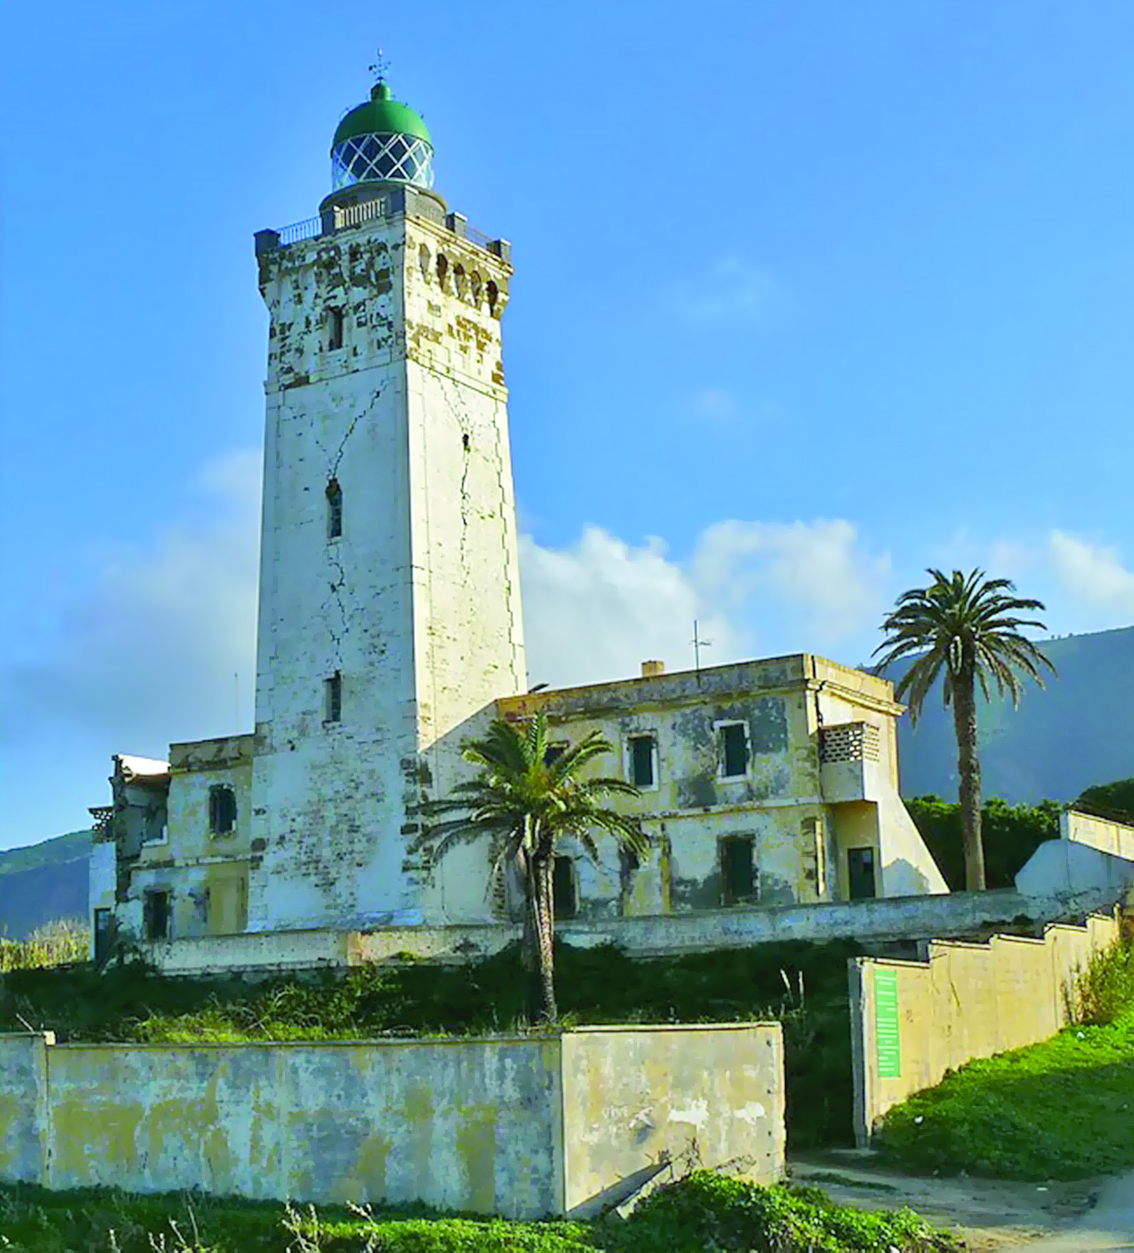 الجزائر تُضيف موقعين إلى قائمة تراثها الثقافي المحمي